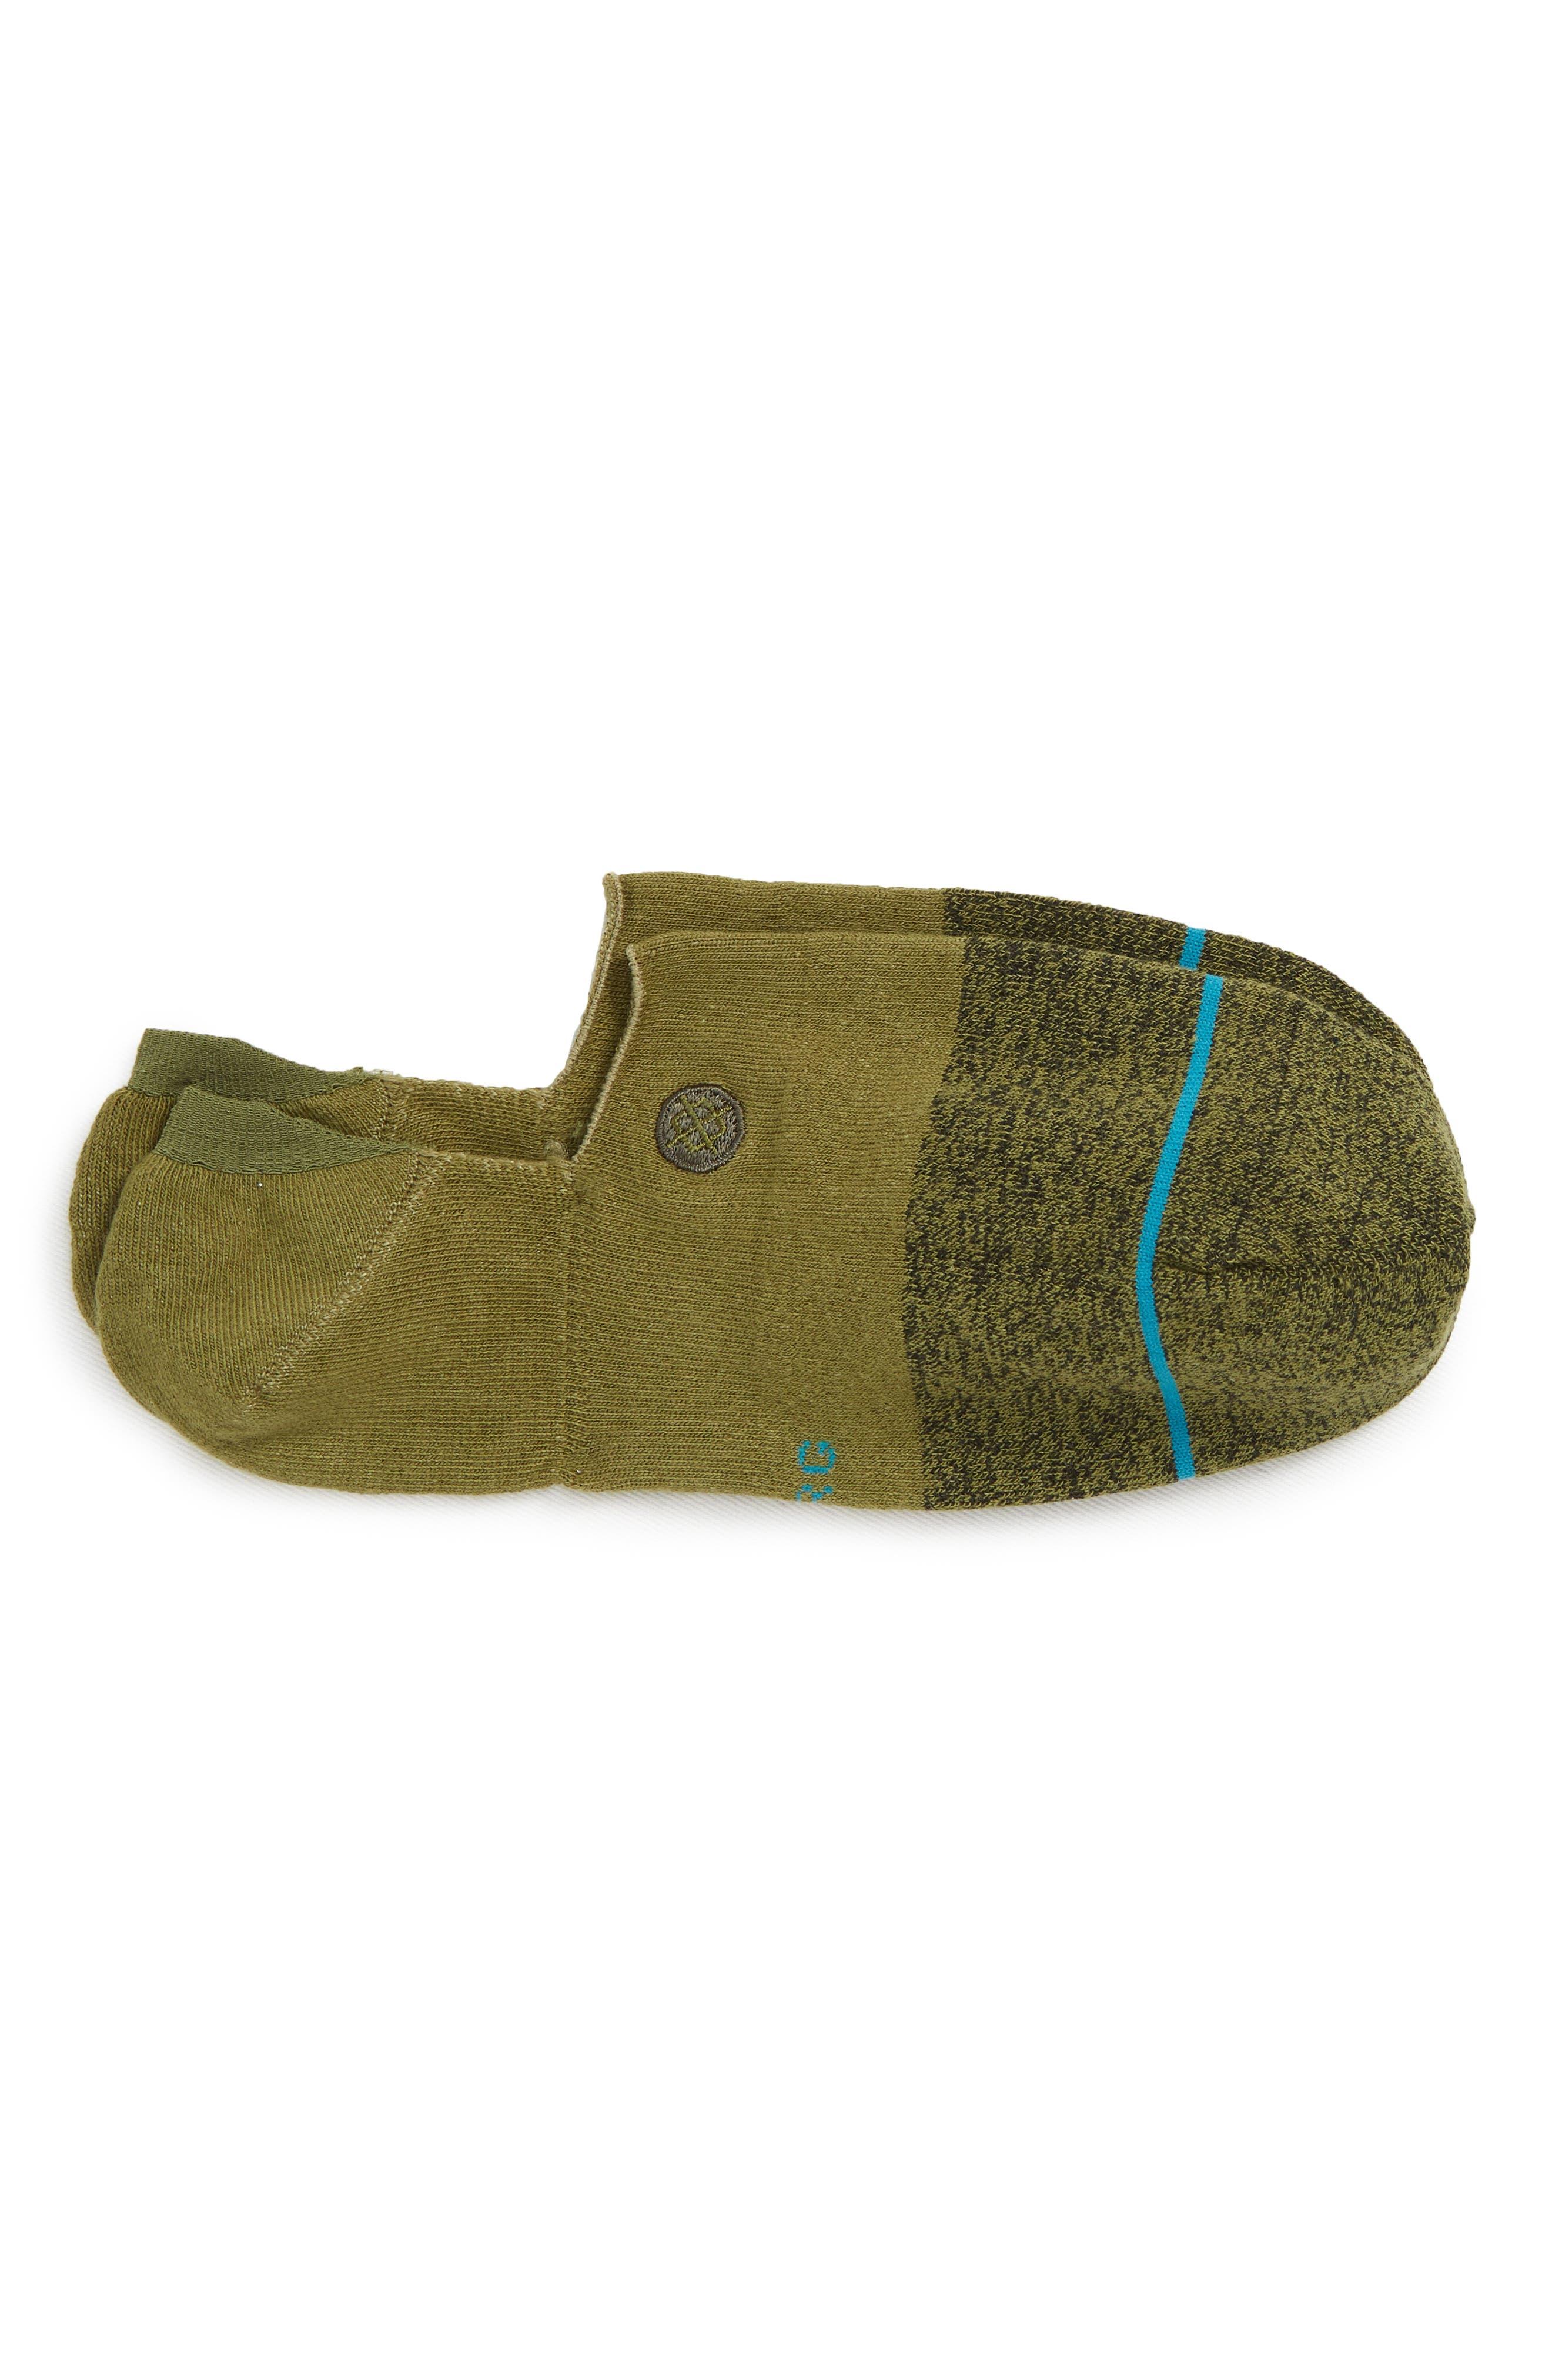 Gamut Liner Socks,                         Main,                         color, OLIVE